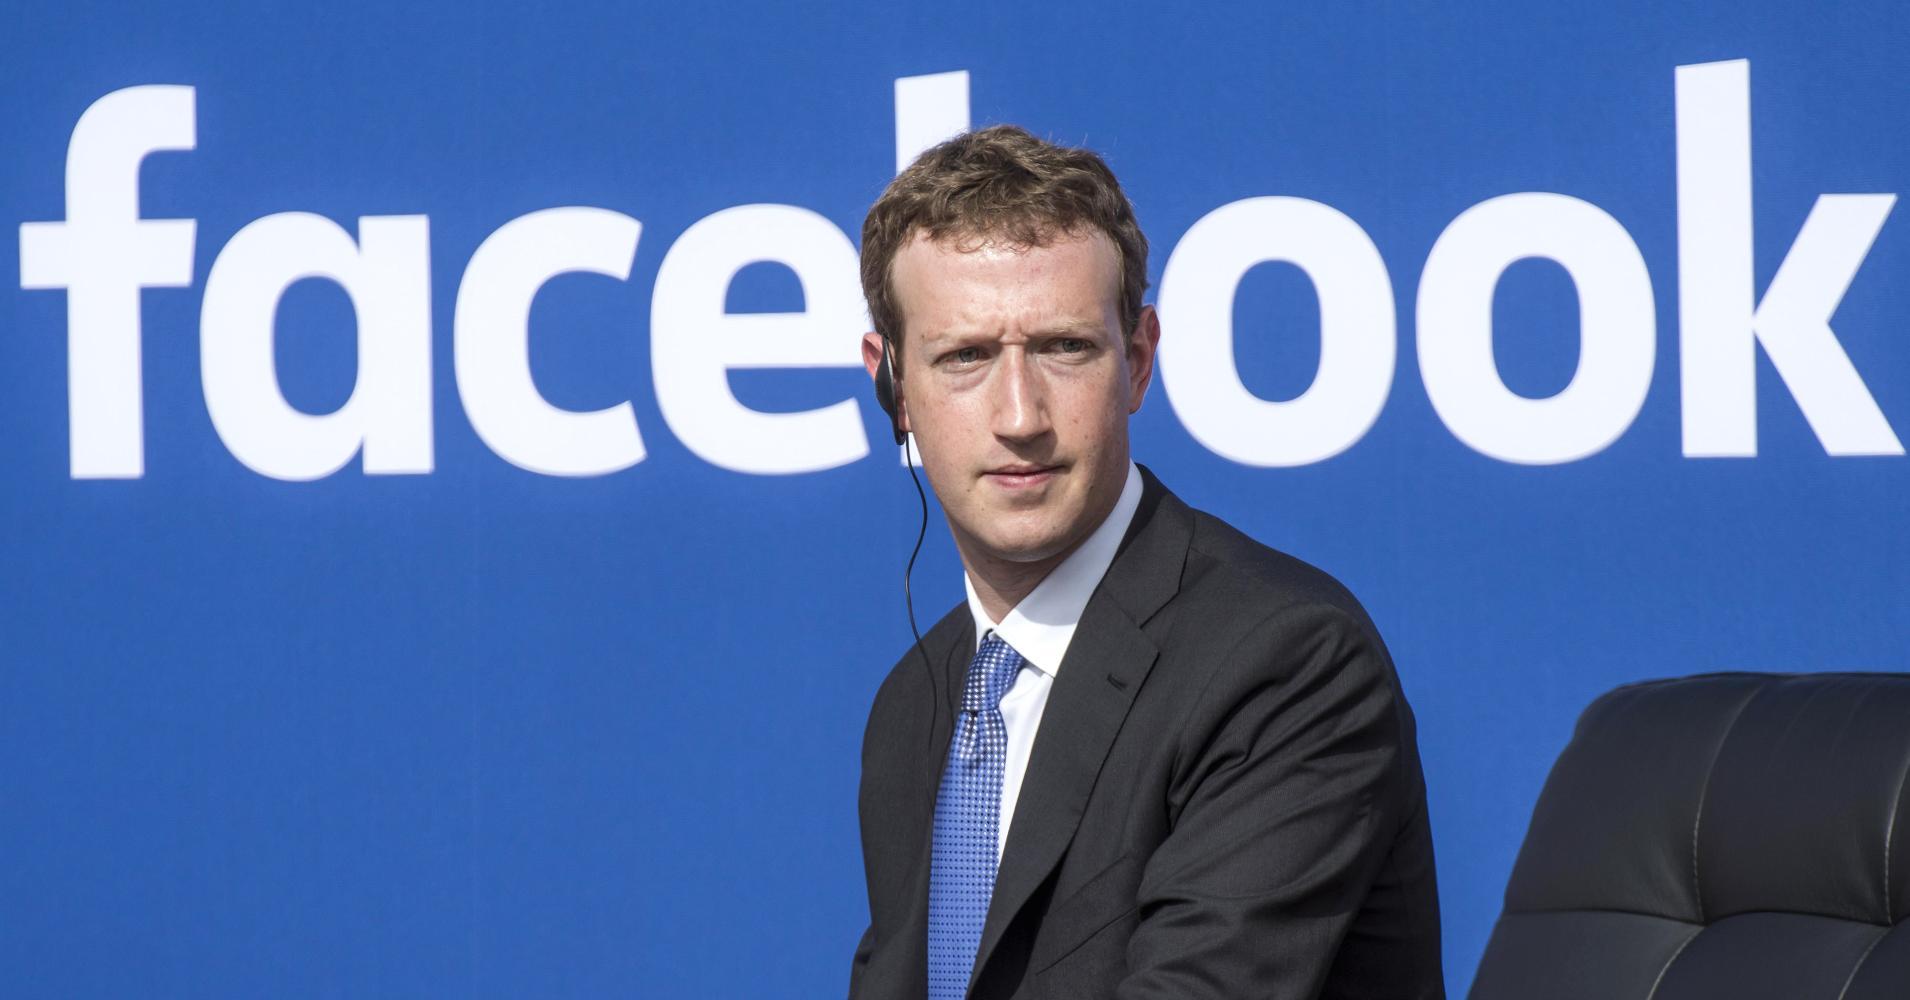 Цукерберг считает, что Facebook лучше подготовлен к борьбе с вмешательством в выборы, чем два года назад, выборы, США , Facebook, Марк Цукерберг, дезинформация